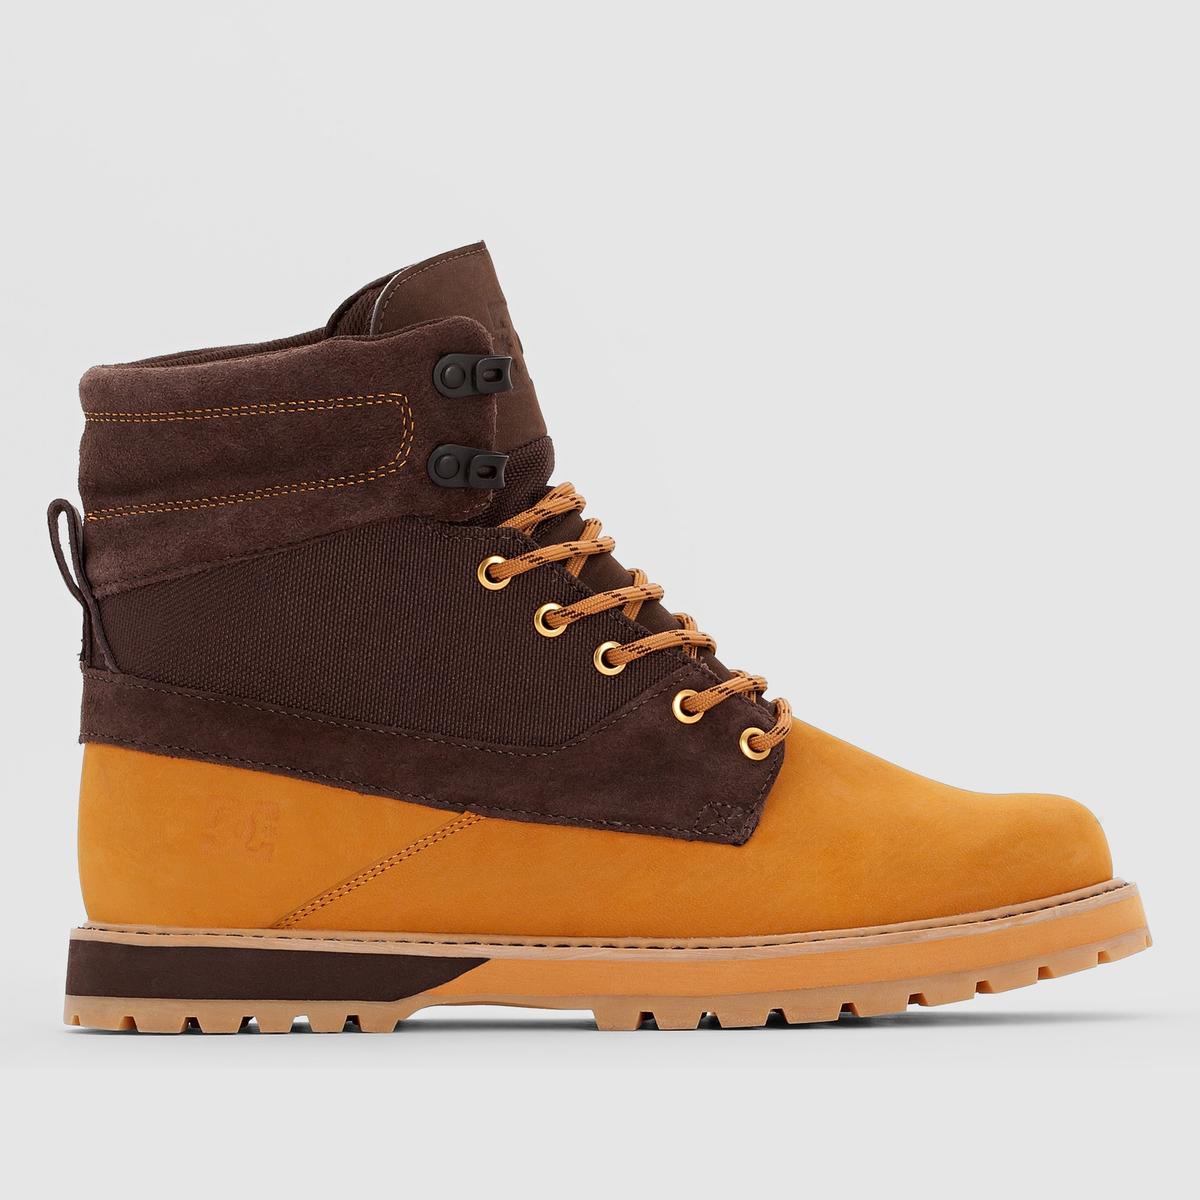 Ботинки DC SHOES UNCAS M BOOT WD4Преимущества : ботинки от DC SHOES с оригинальным дизайном, сочетающем ткань и замшевую кожу в аутентичном и очень модном стиле .<br><br>Цвет: каштановый / бежевый<br>Размер: 40